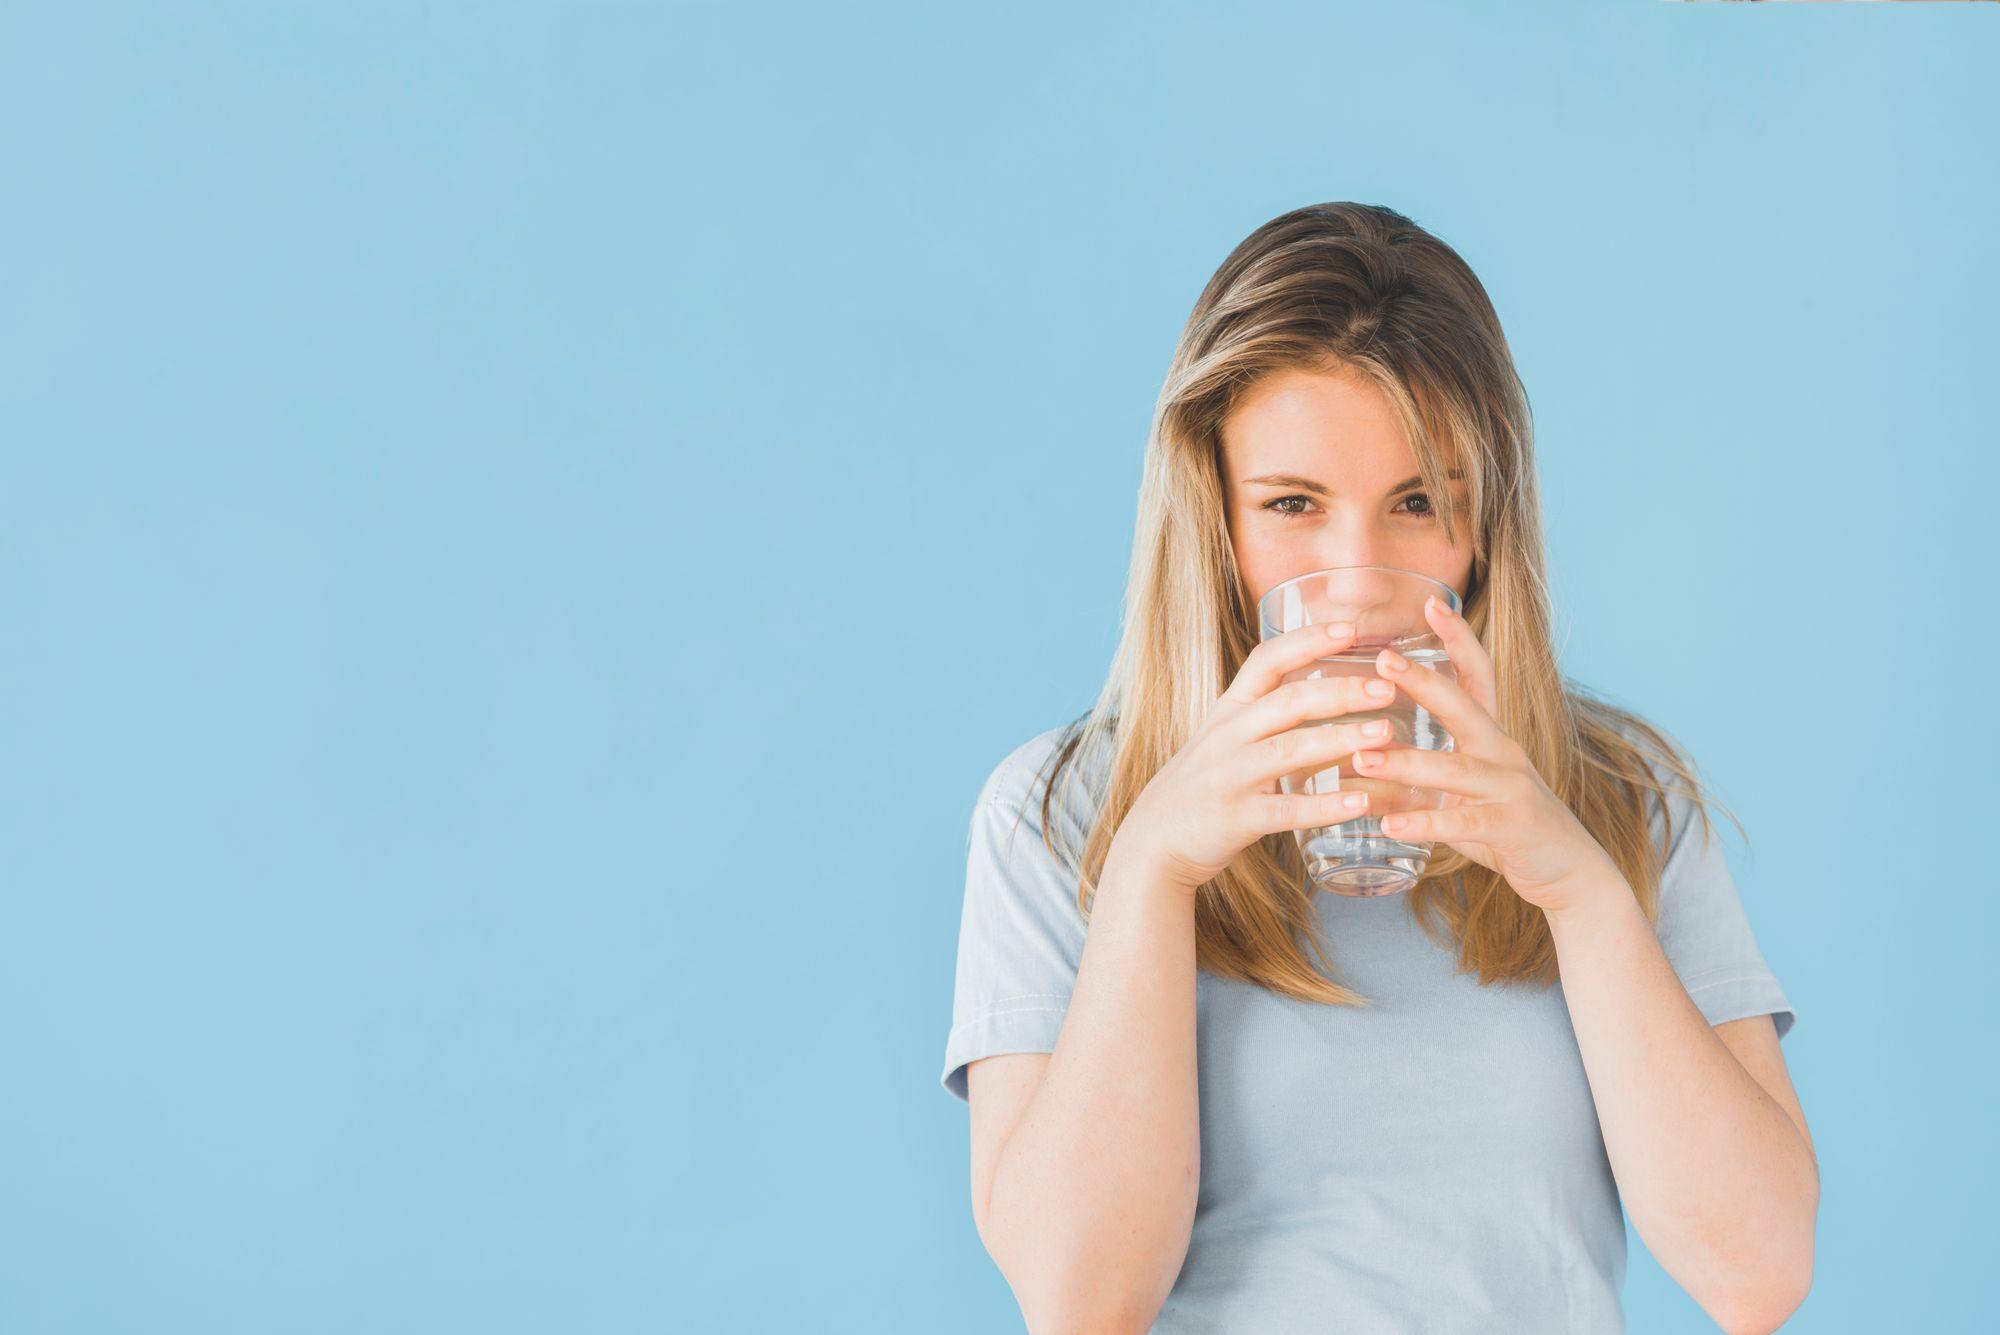 Mulher feliz bebendo água. (Reprodução/Freepik)